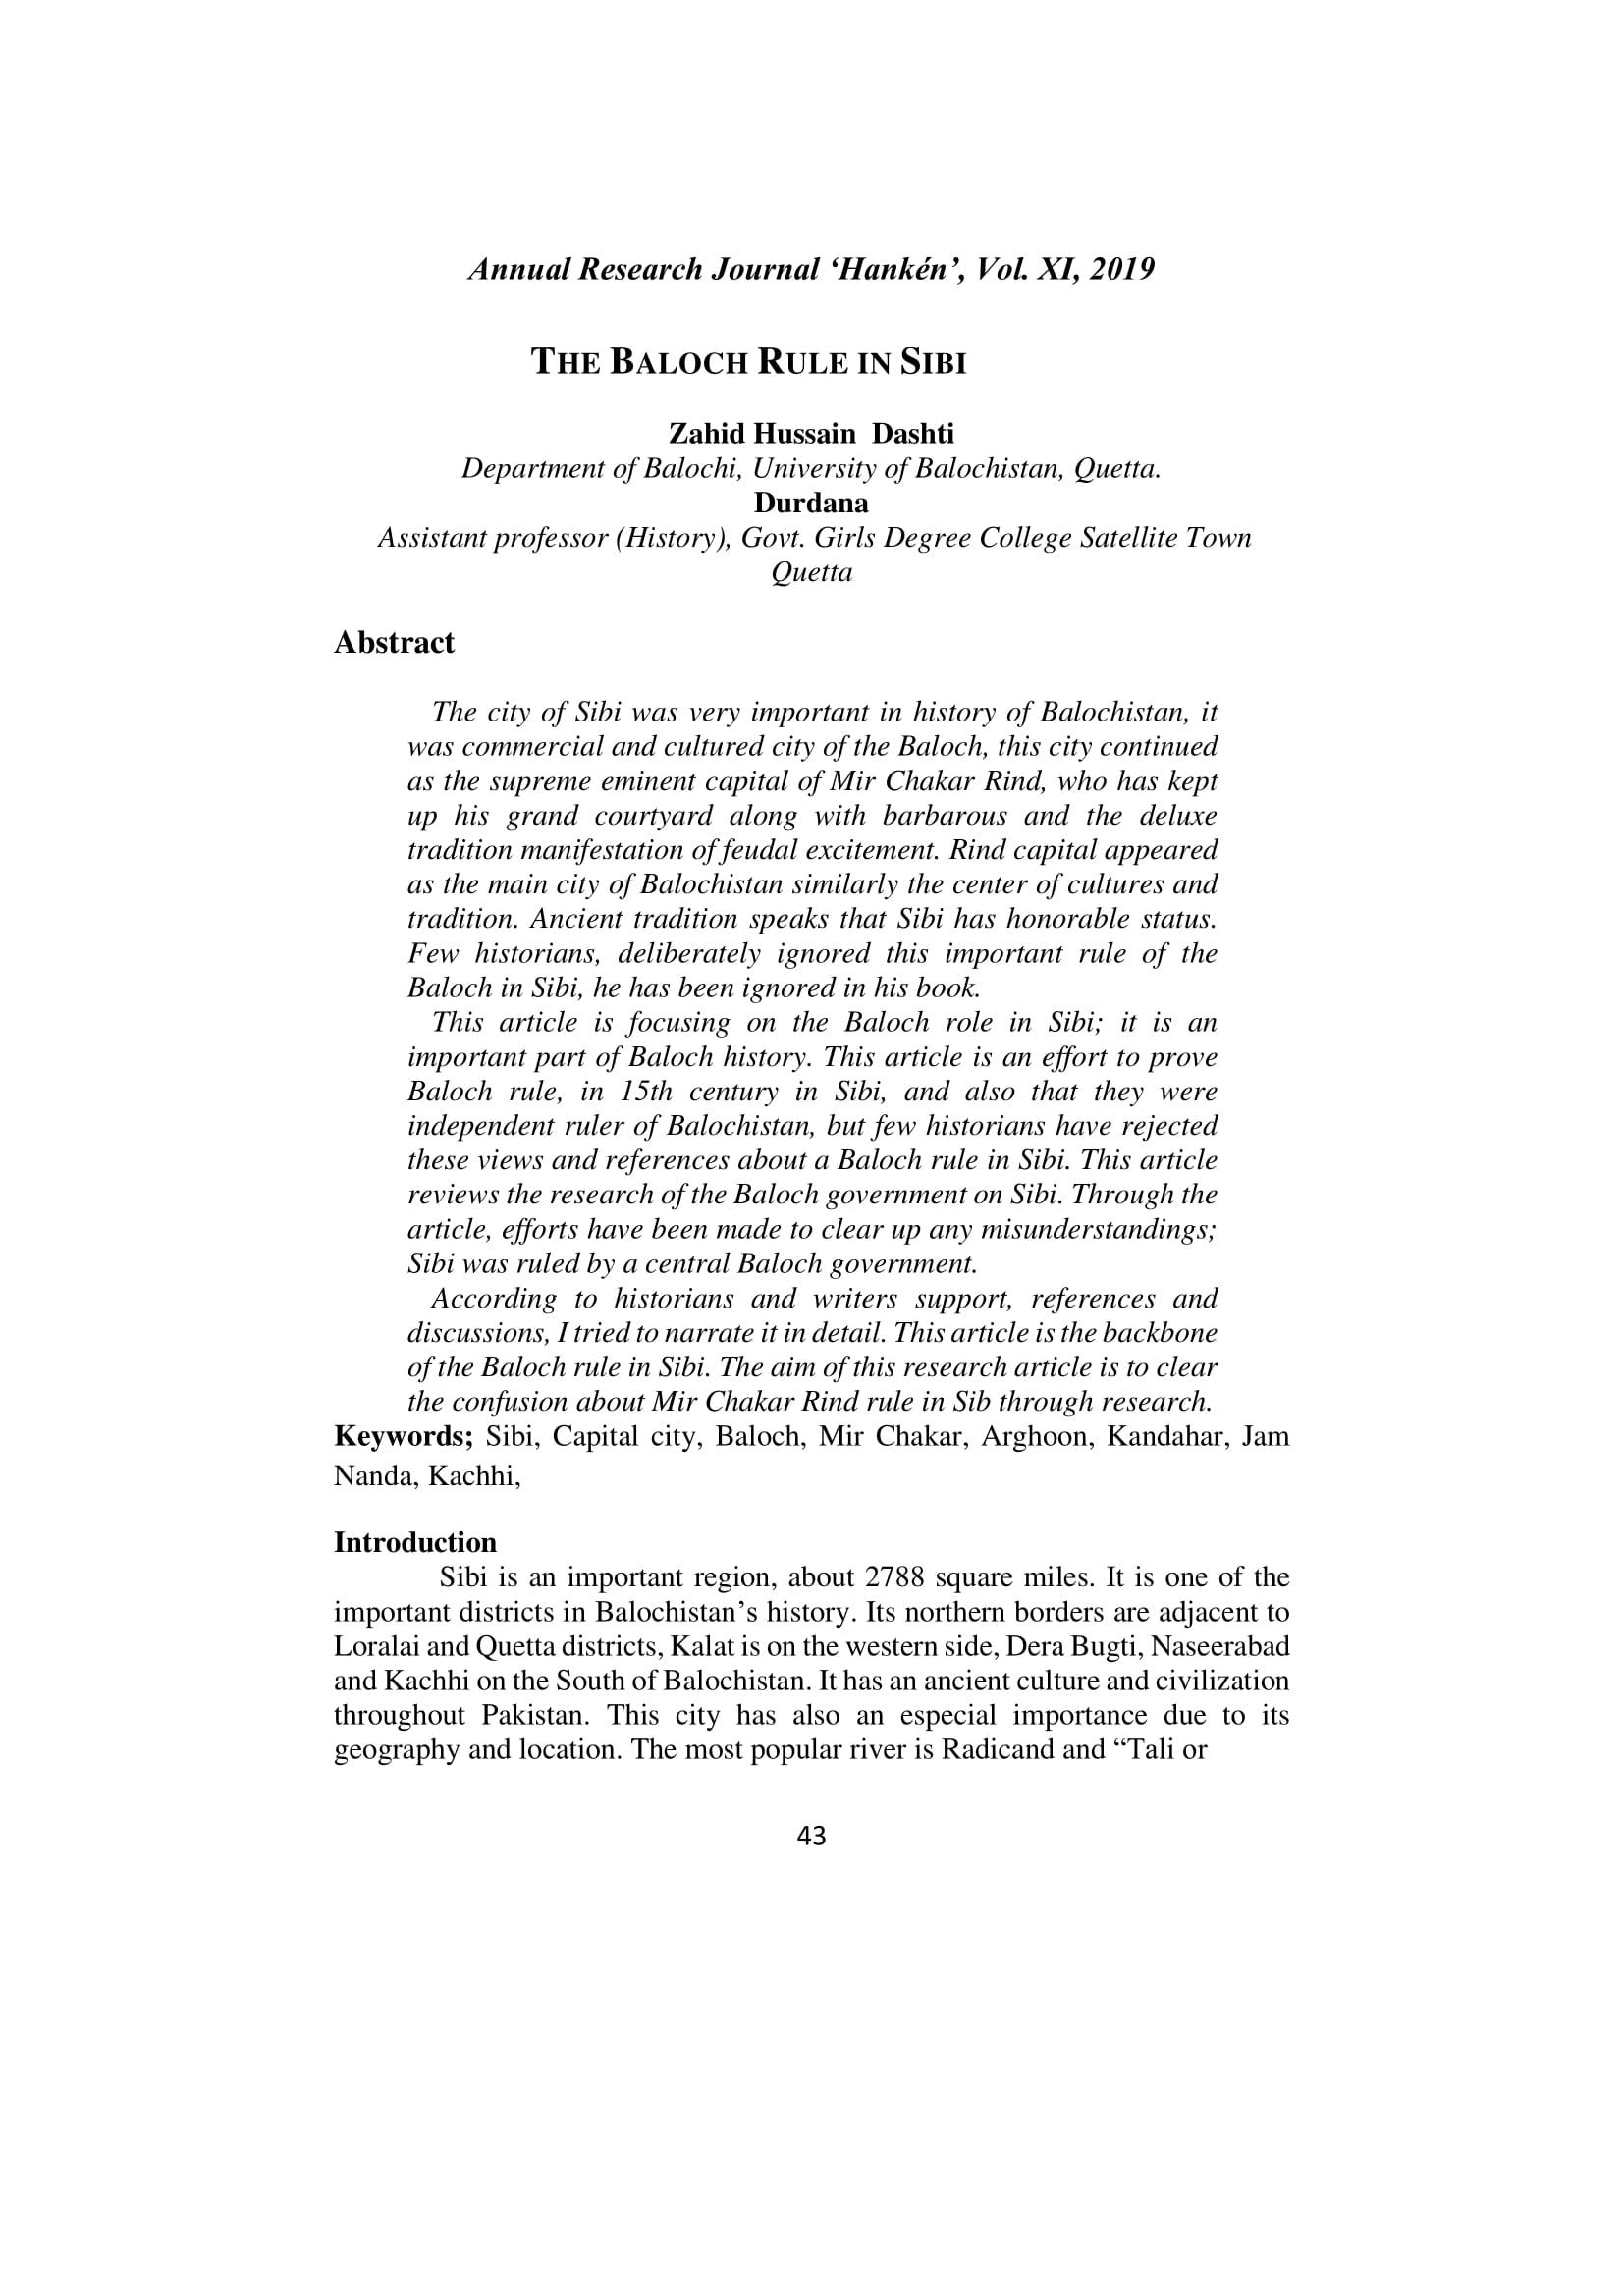 THE BALOCH RULE IN SIBI